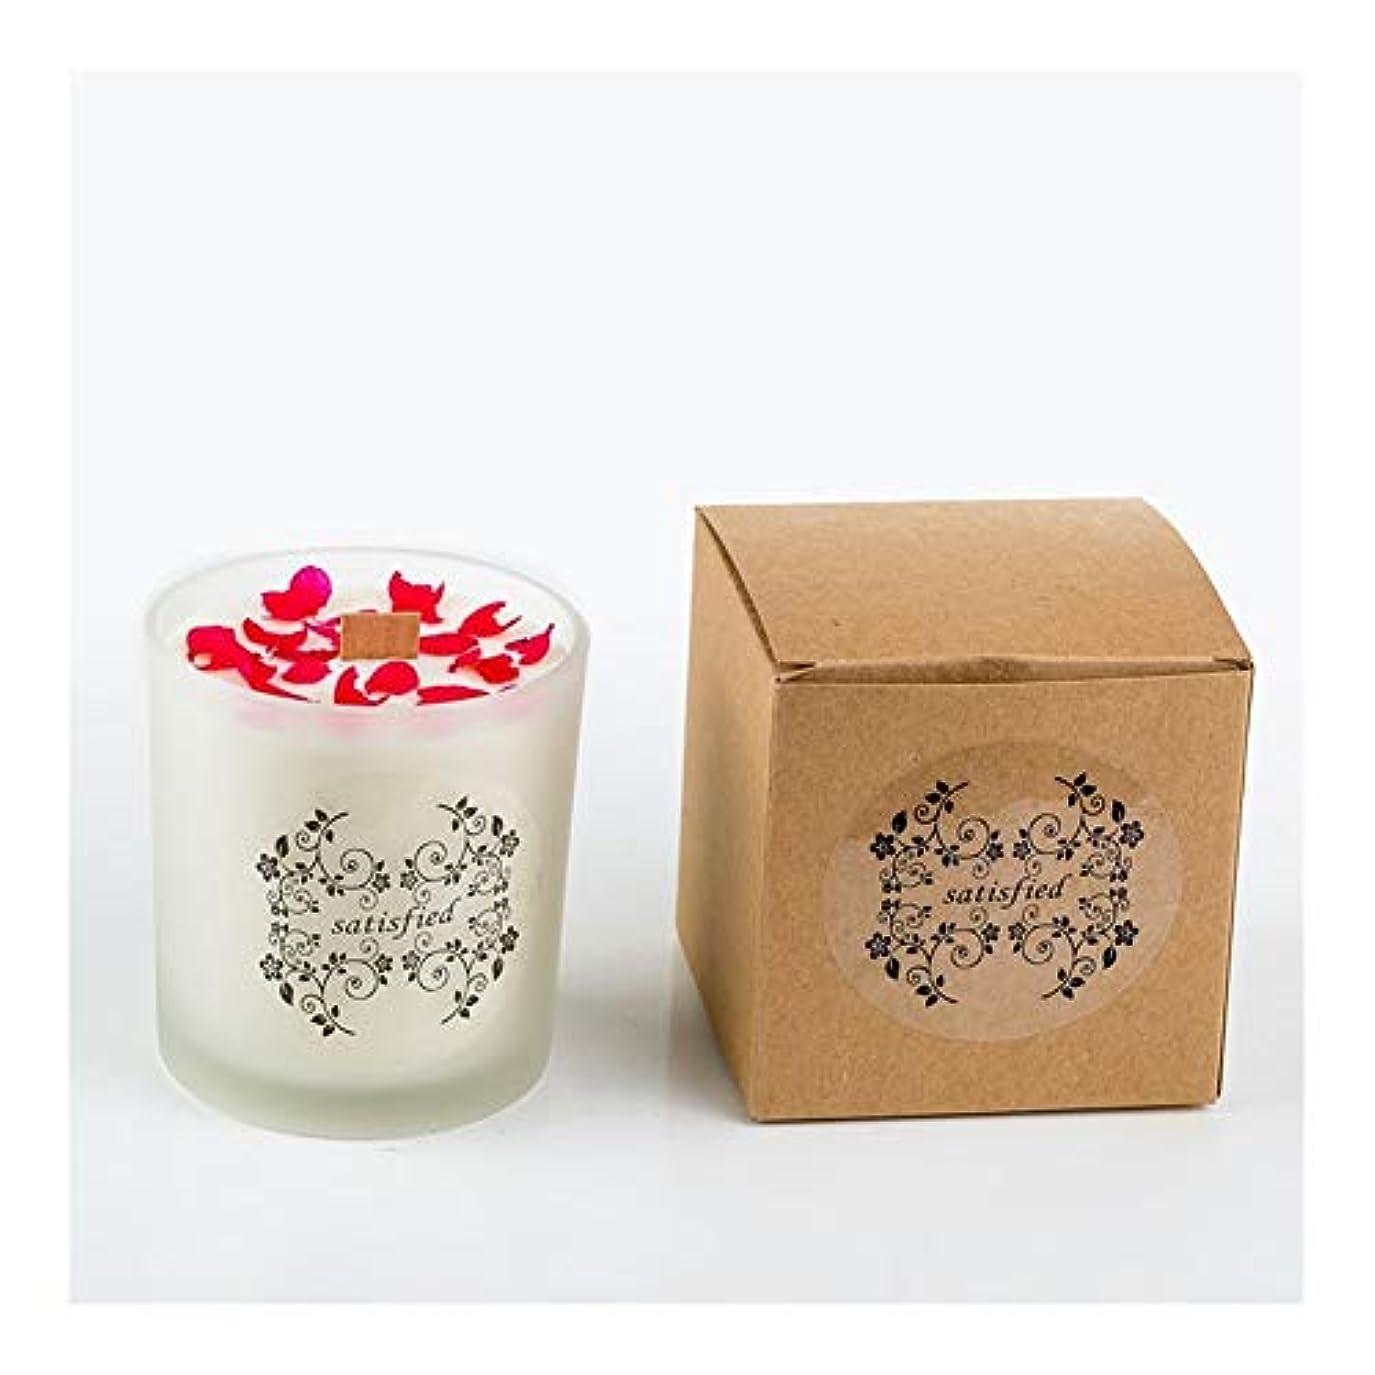 出発つまらない反乱Guomao ロマンチックな香りのキャンドルエッセンシャルオイル大豆ワックスガラスアロマセラピーロマンチックな誕生日ギフトの提案無煙の香り (色 : Blackberries)